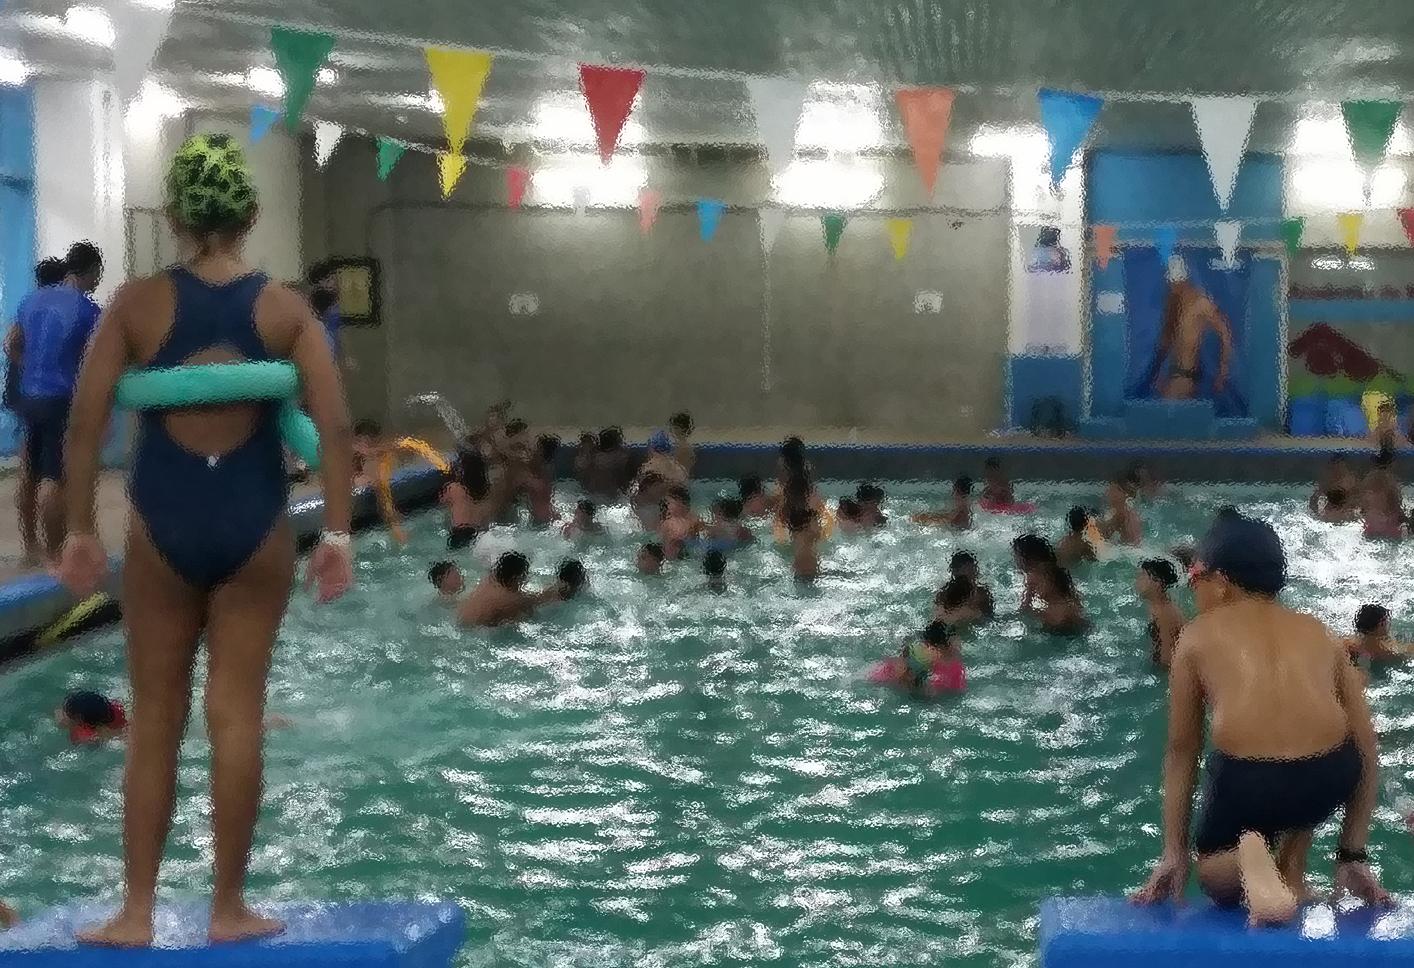 Desde el 17 de julio y hasta el 30 de septiembre está disponible el Plan Vacacional 2017: una semana completa de actividades en la piscina. Haz clic para mayor información.